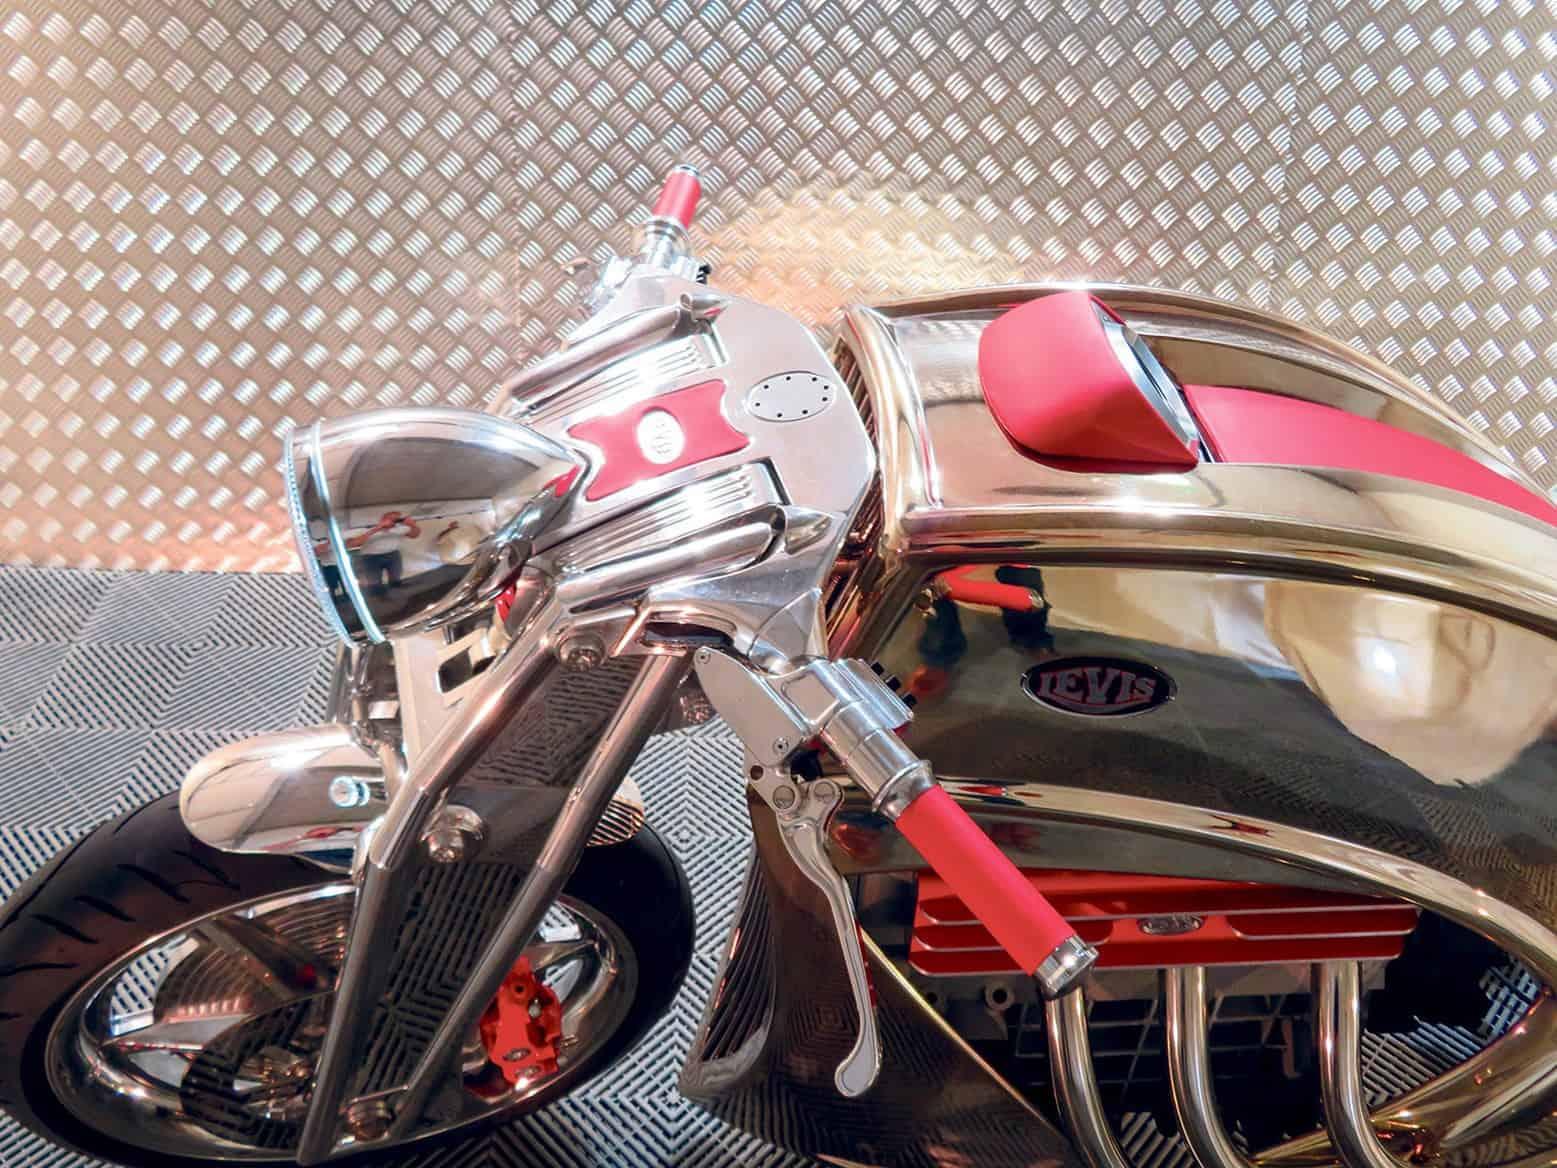 Levis V6 Cafe Racer 5